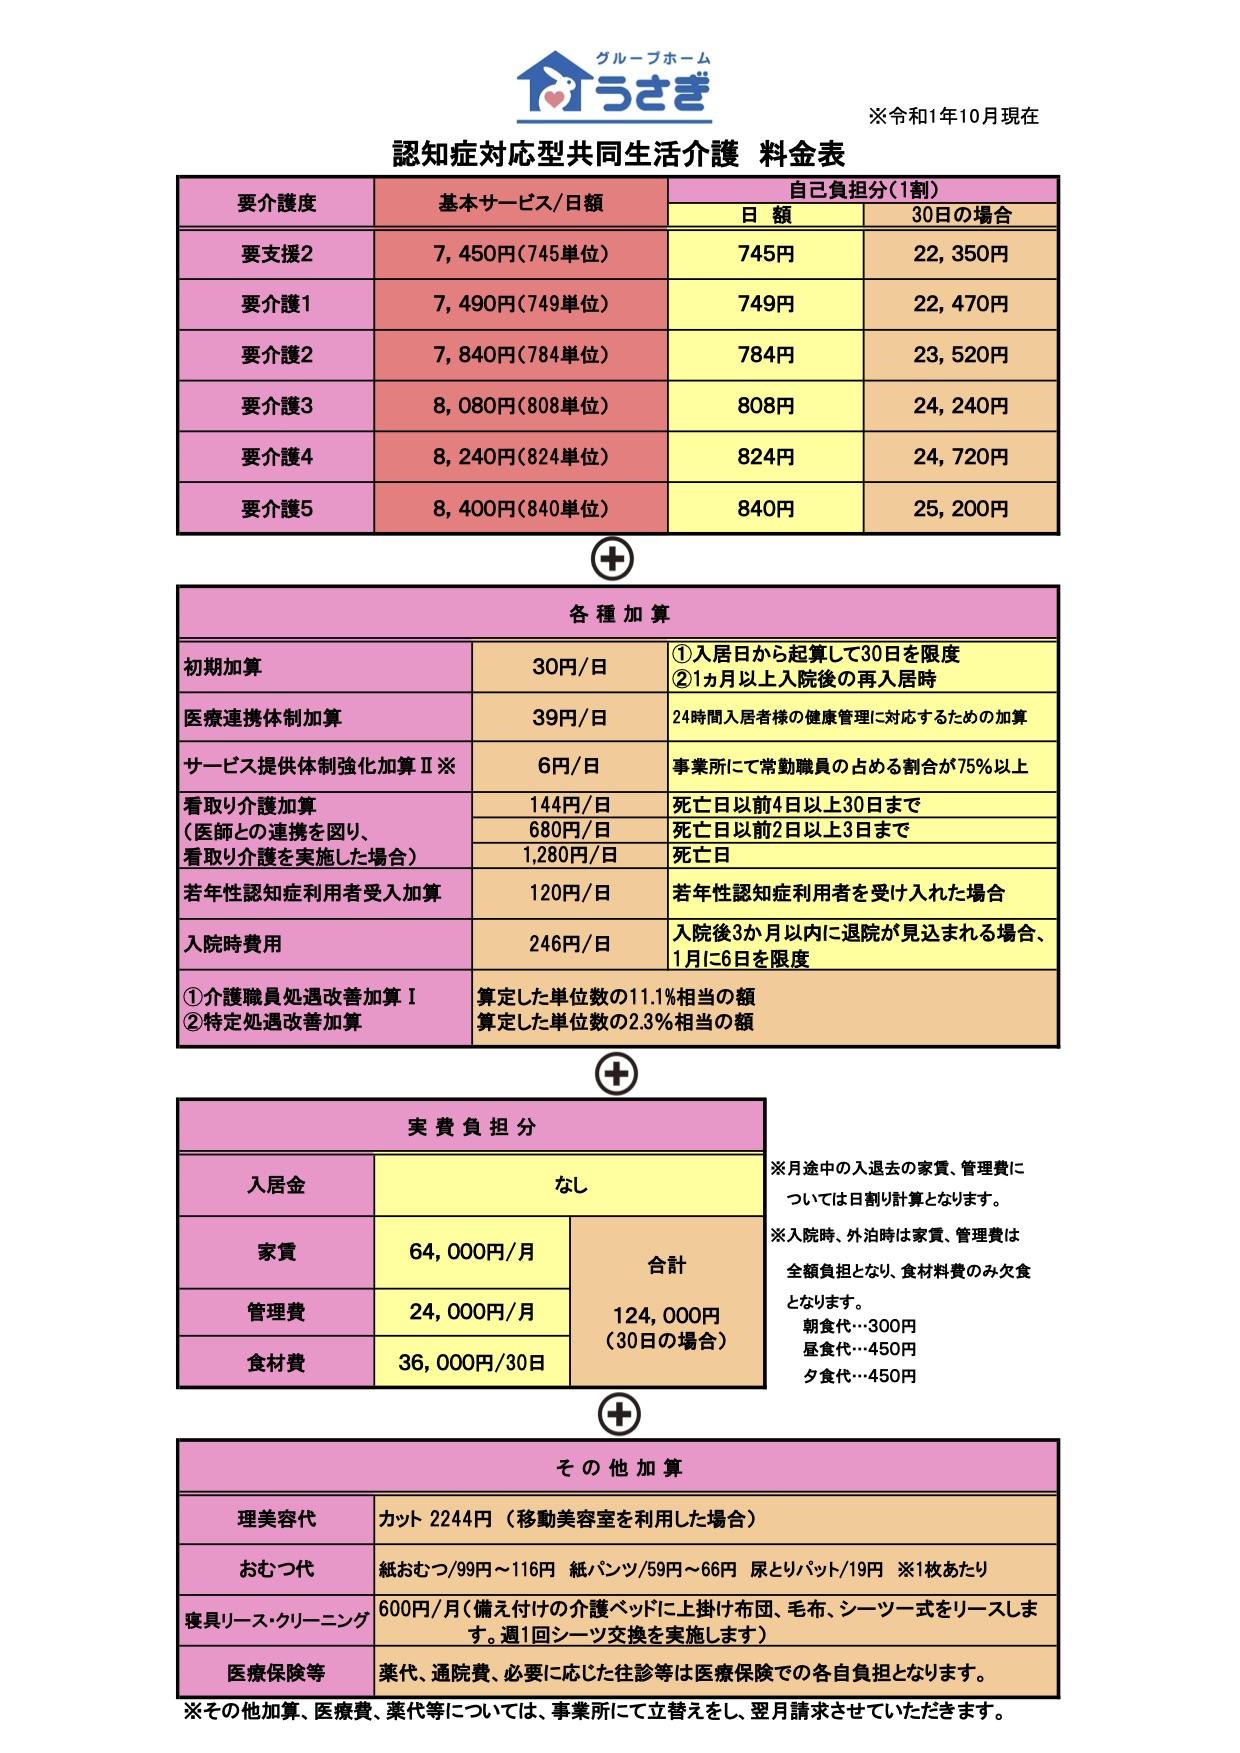 グループホームうさぎの料金表